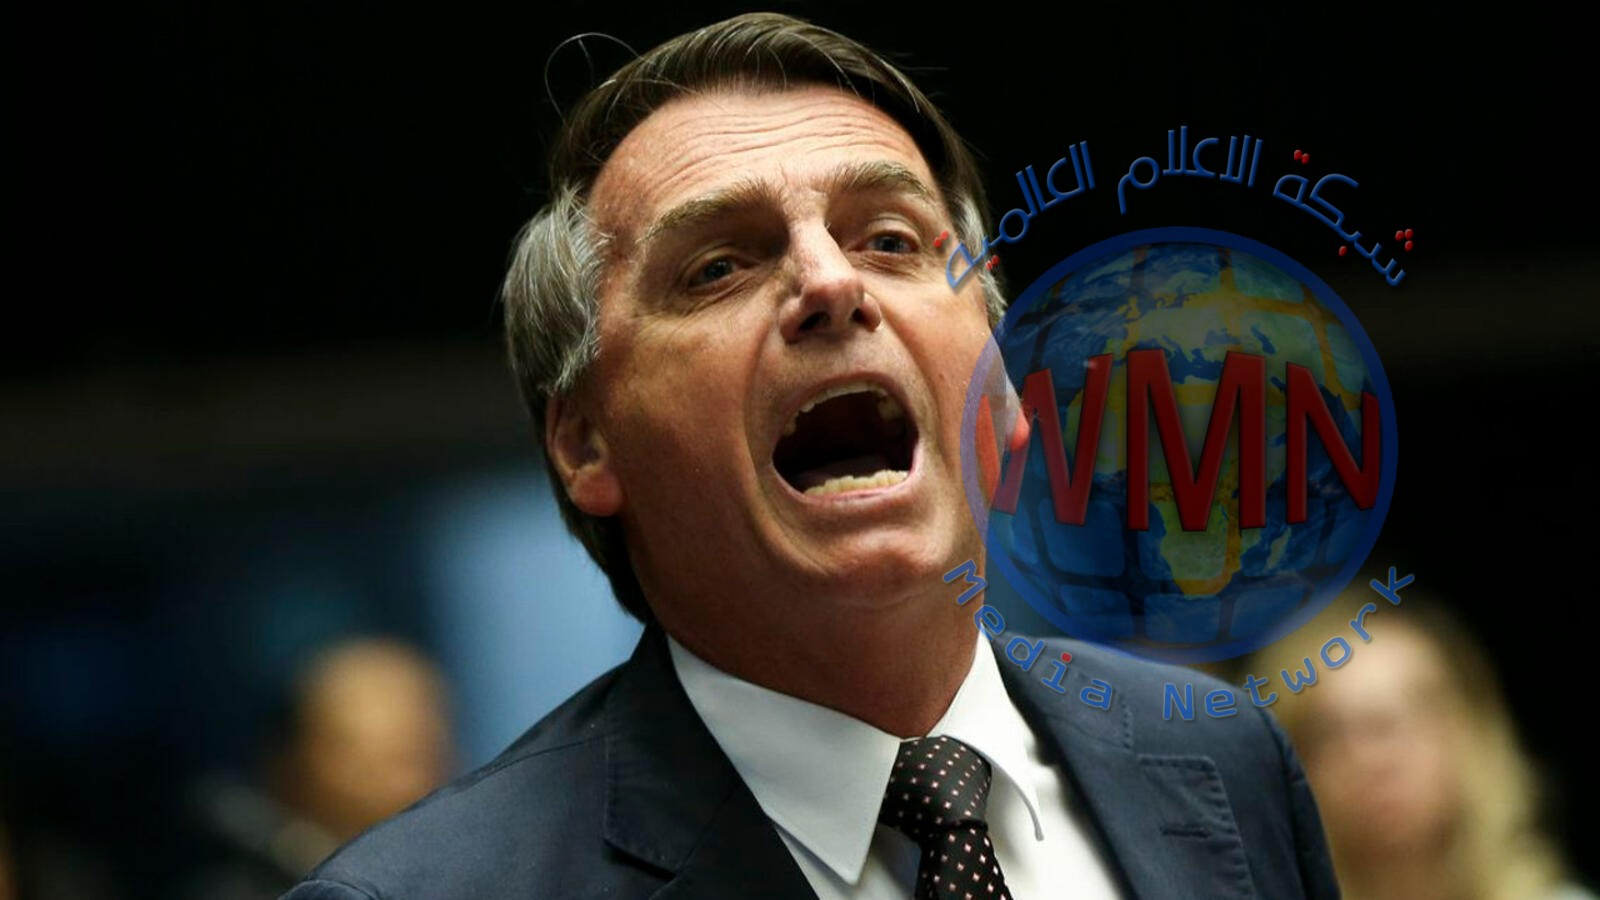 الشرطة البرازيلية تداهم منزل رئيس حزب الرئيس وسط فضيحة سياسية